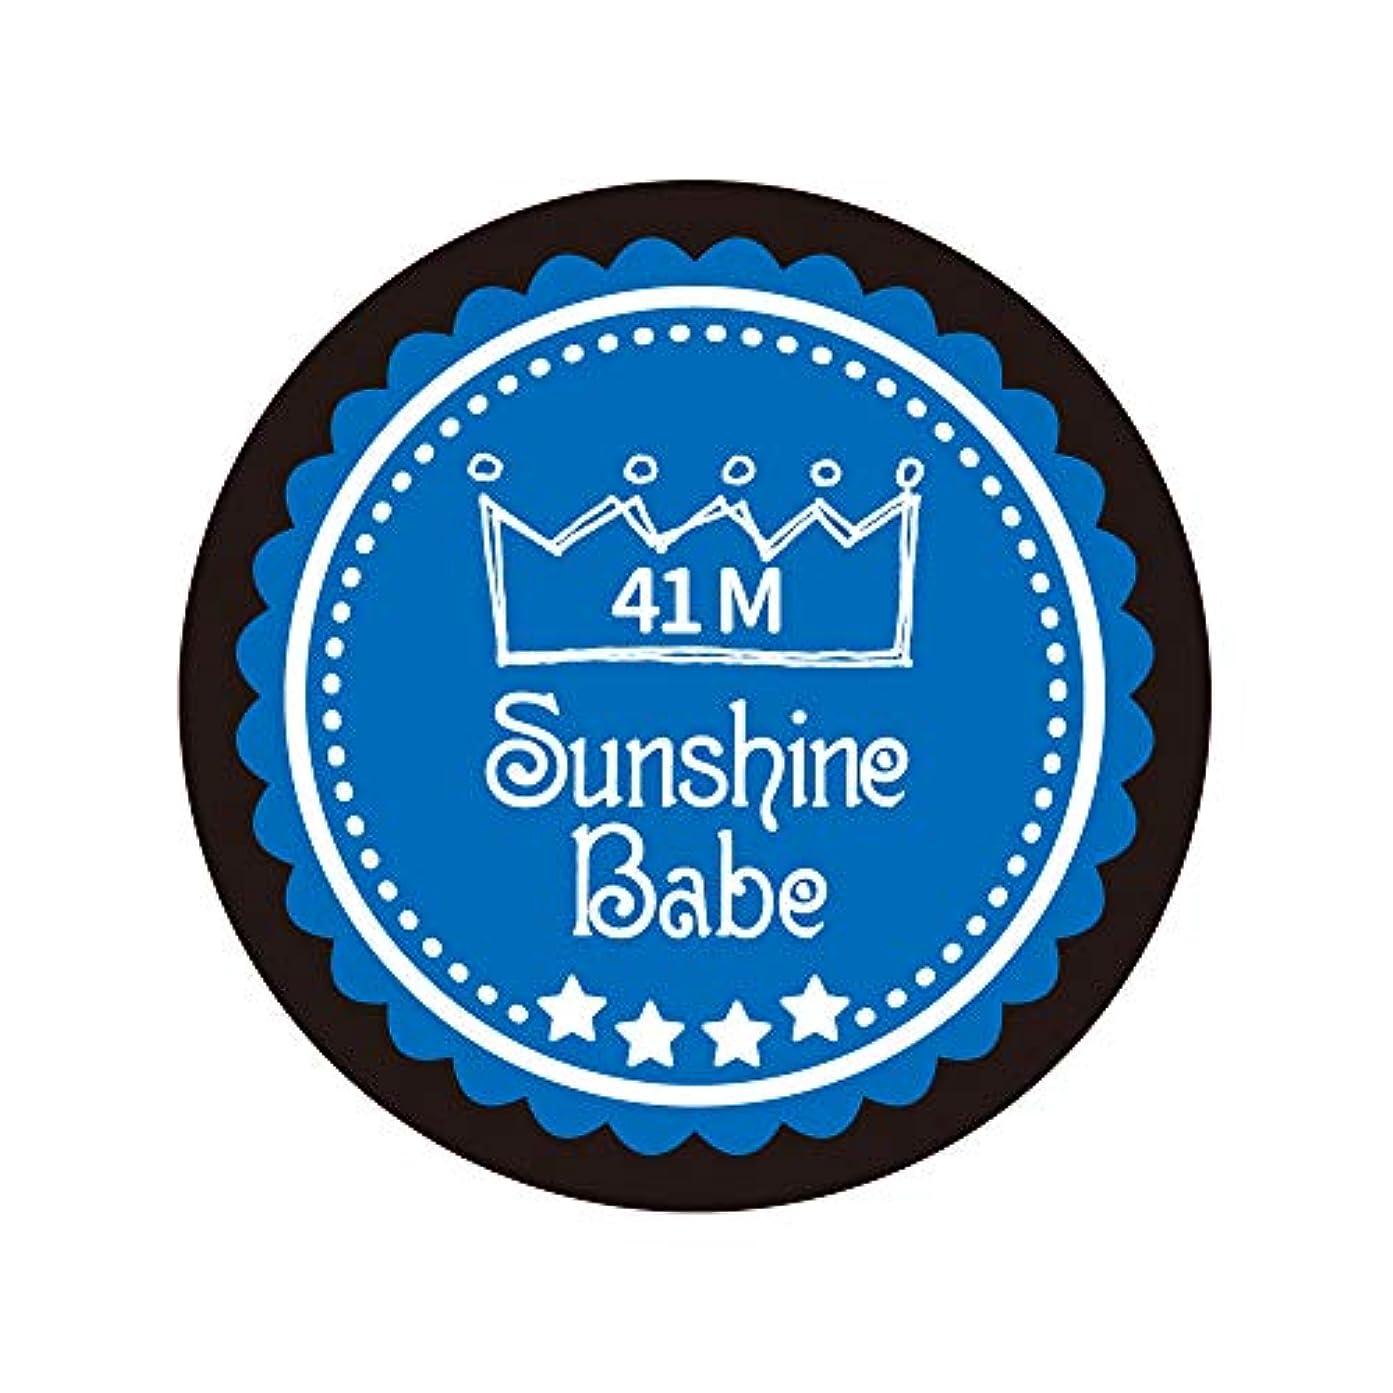 キャンベラ計算可能ローストSunshine Babe カラージェル 41M ネブラスブルー 2.7g UV/LED対応